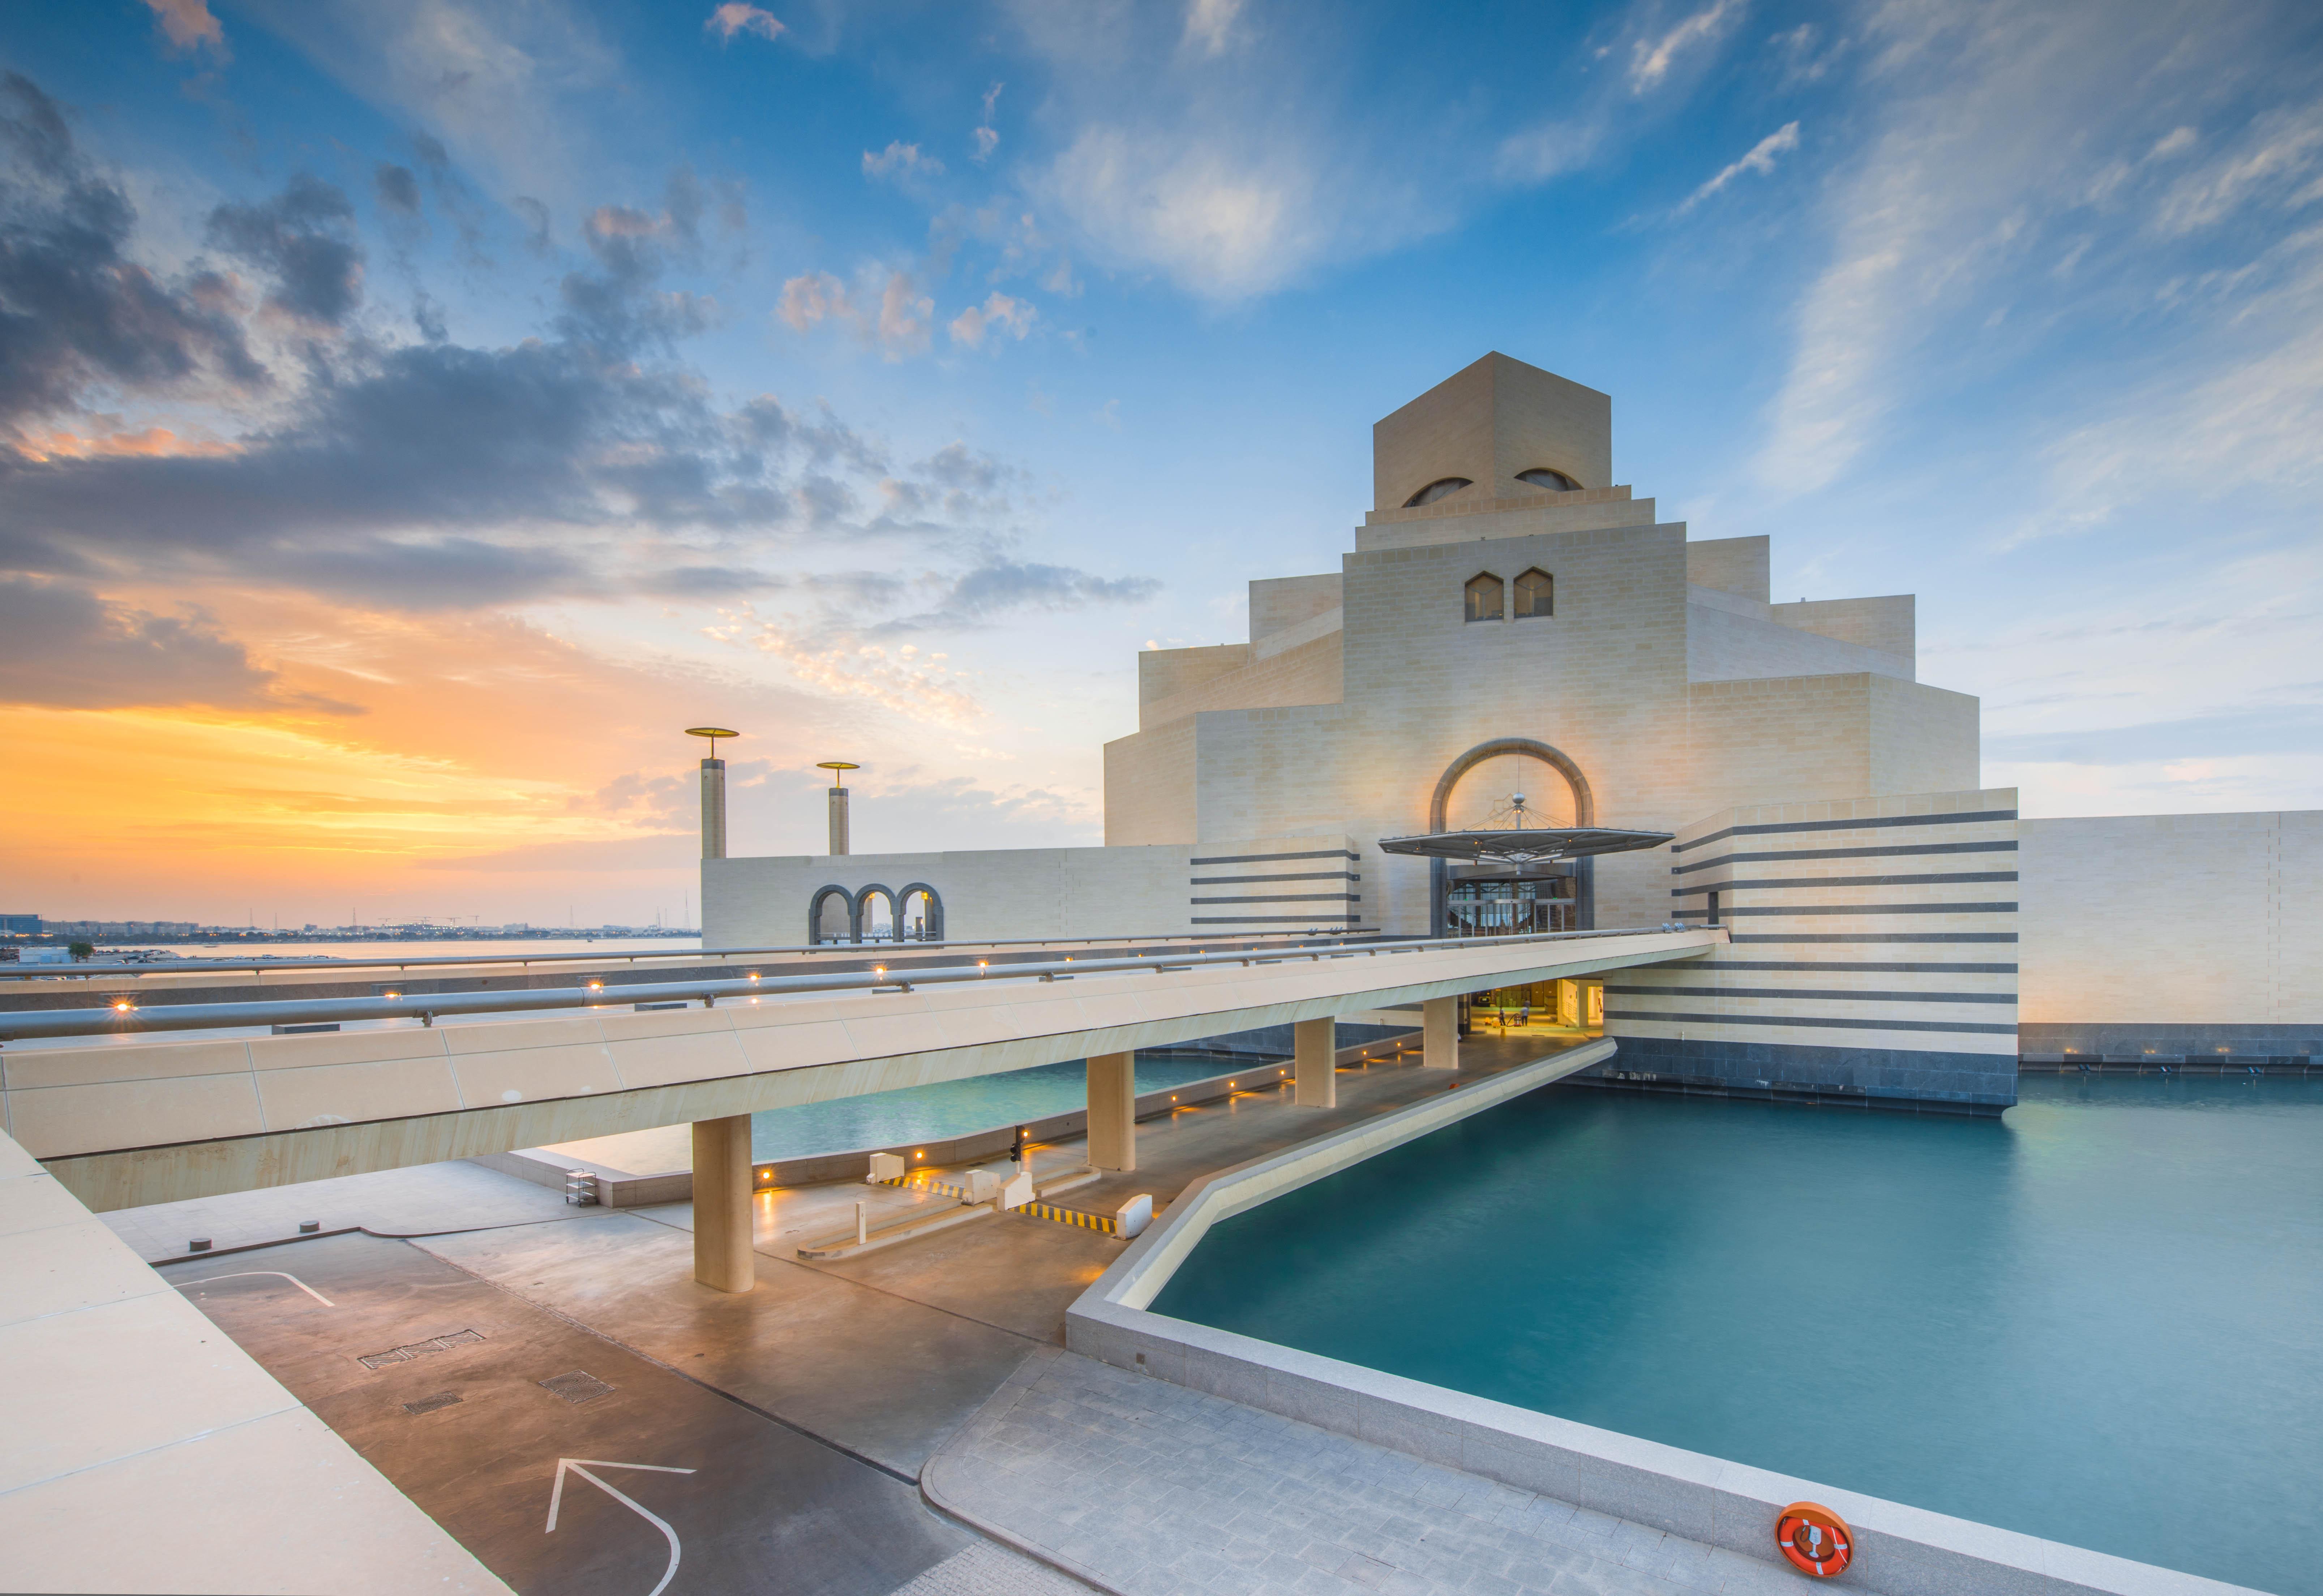 Katar kültür